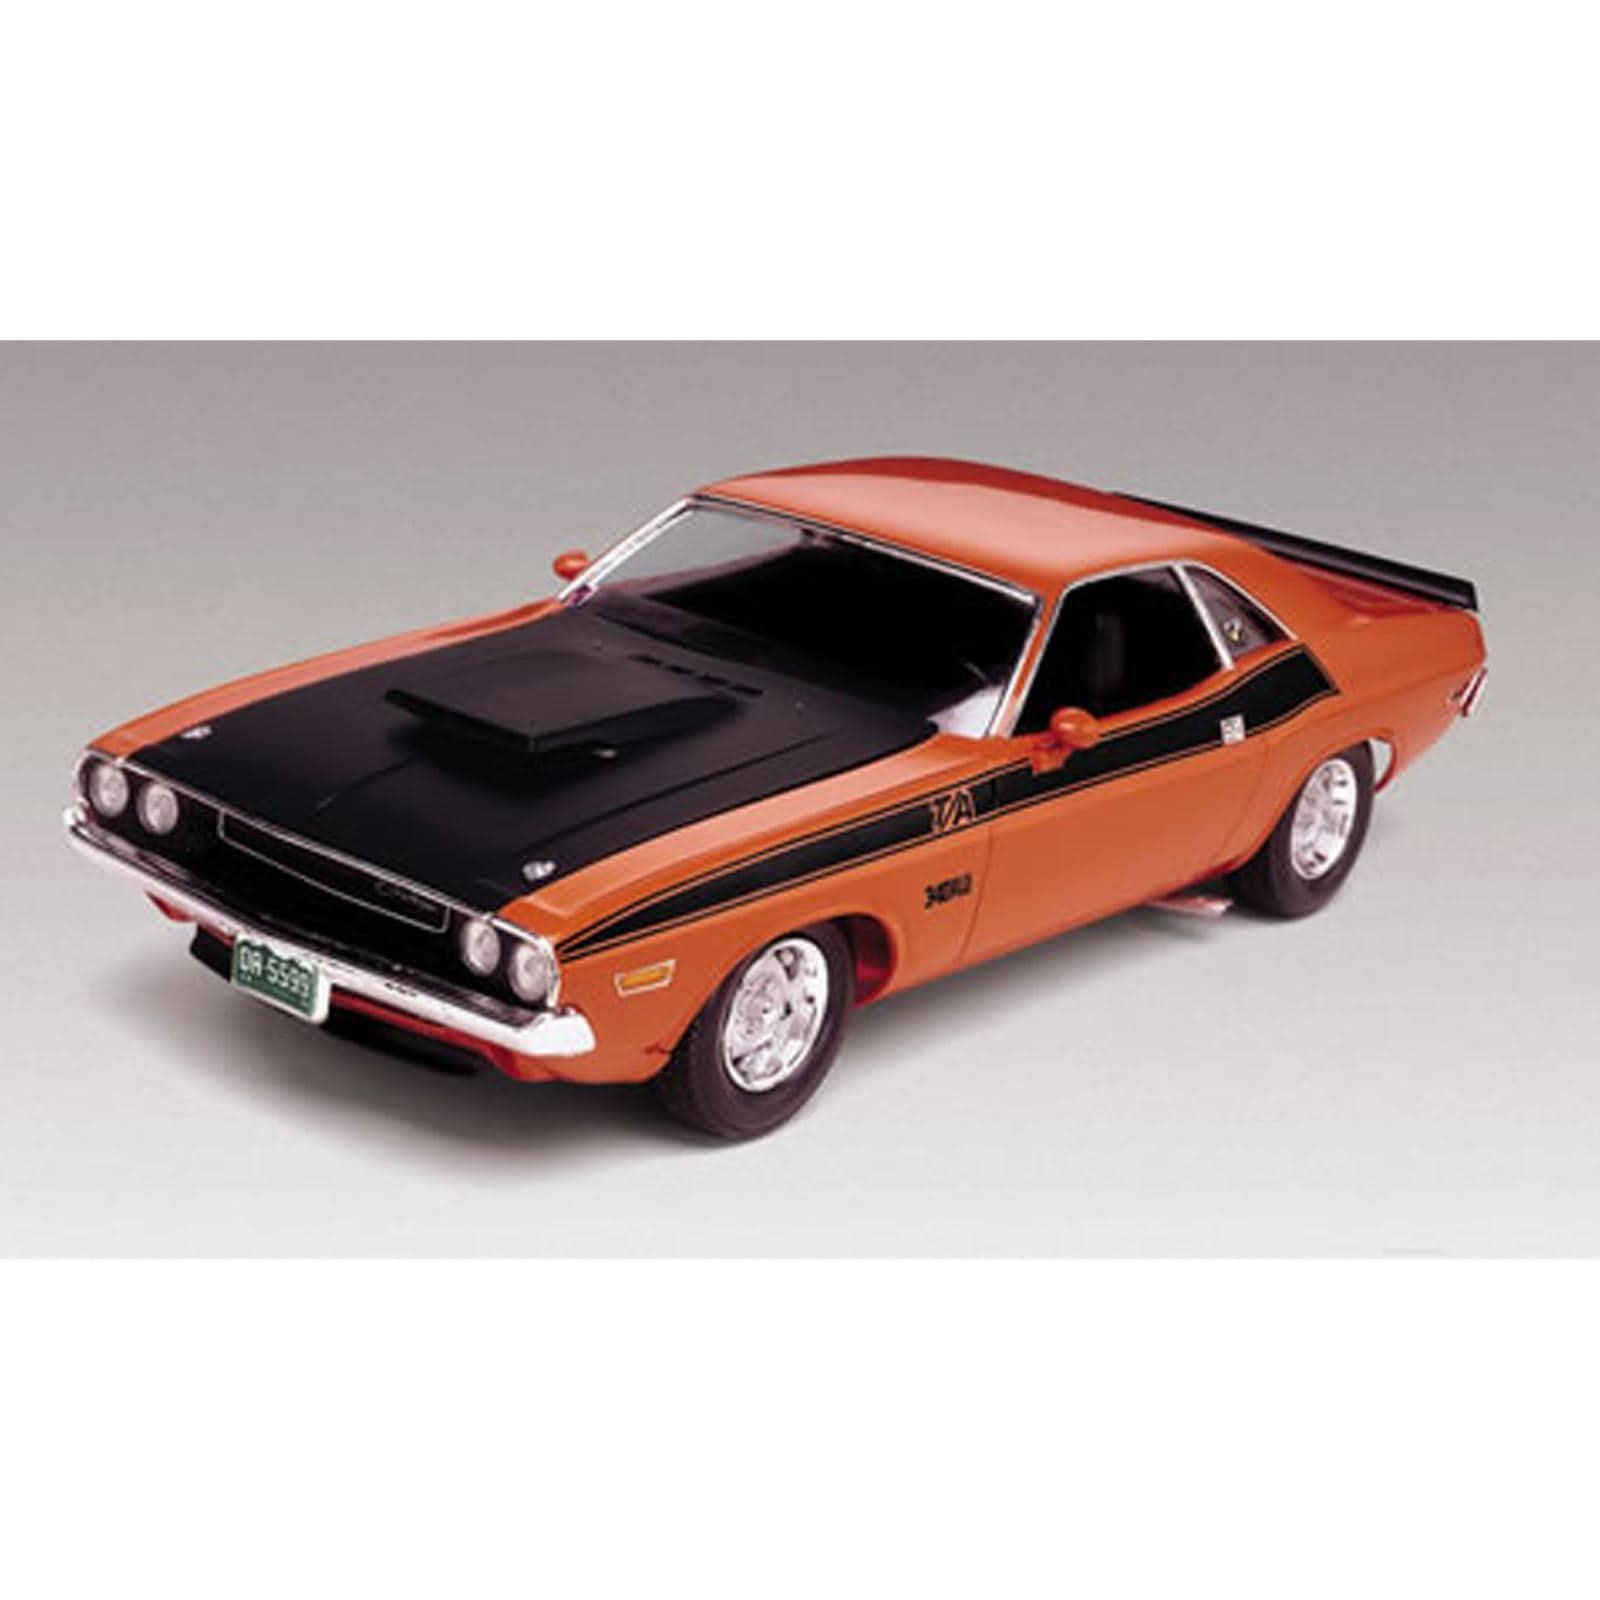 Revell 1:24 Scale 1970 Dodge Challenger Plastic Model Kit